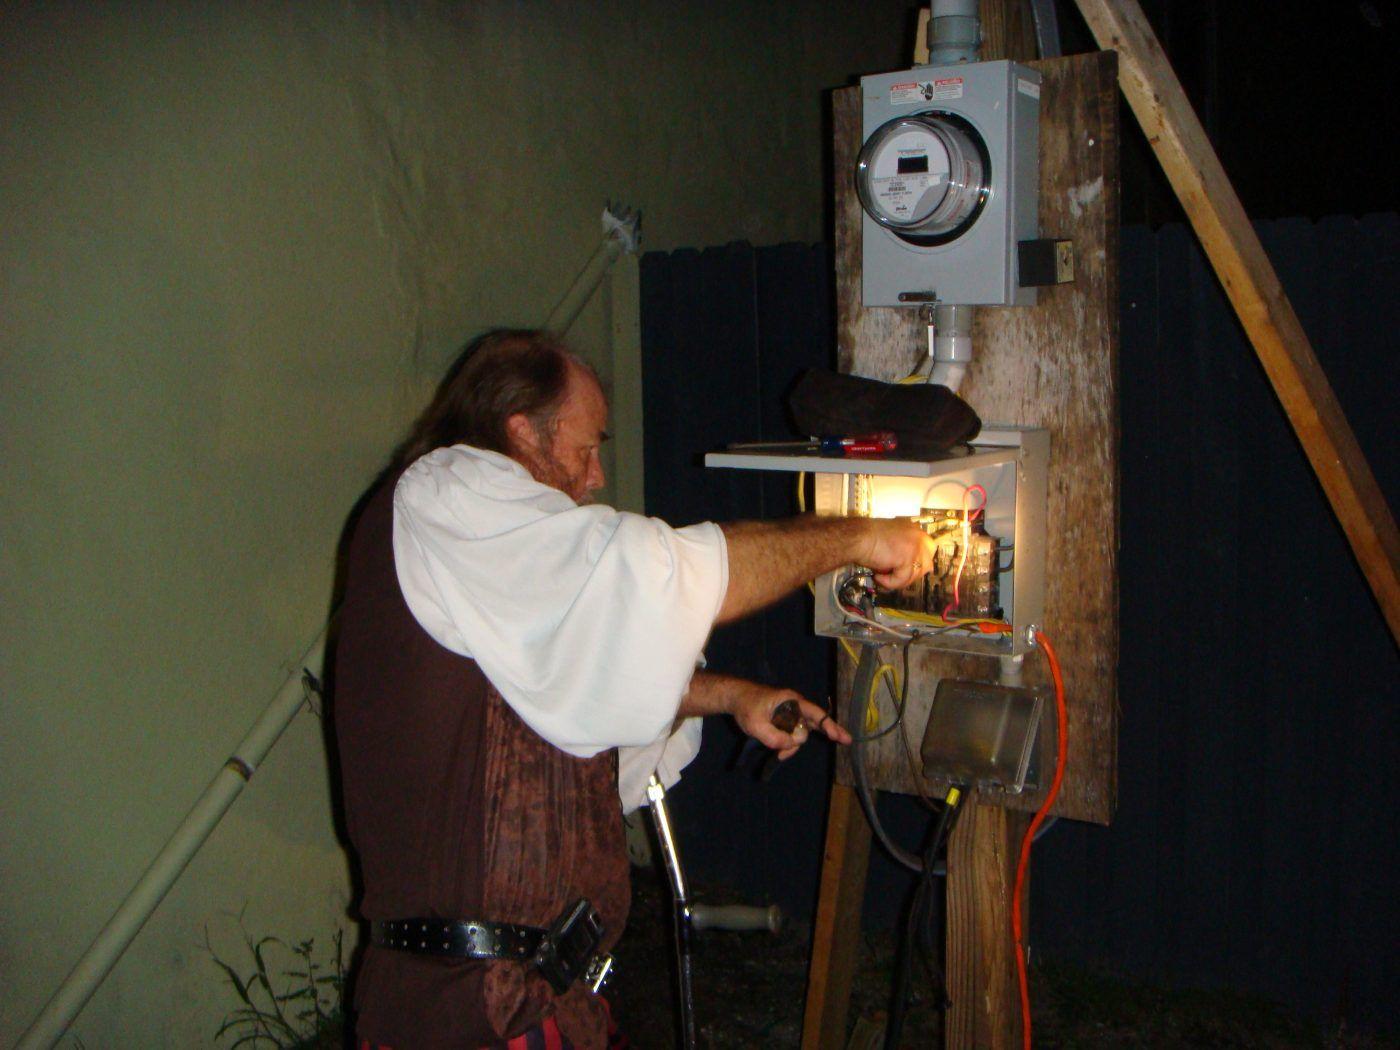 2007-10-31-novaween-1-jim-walker